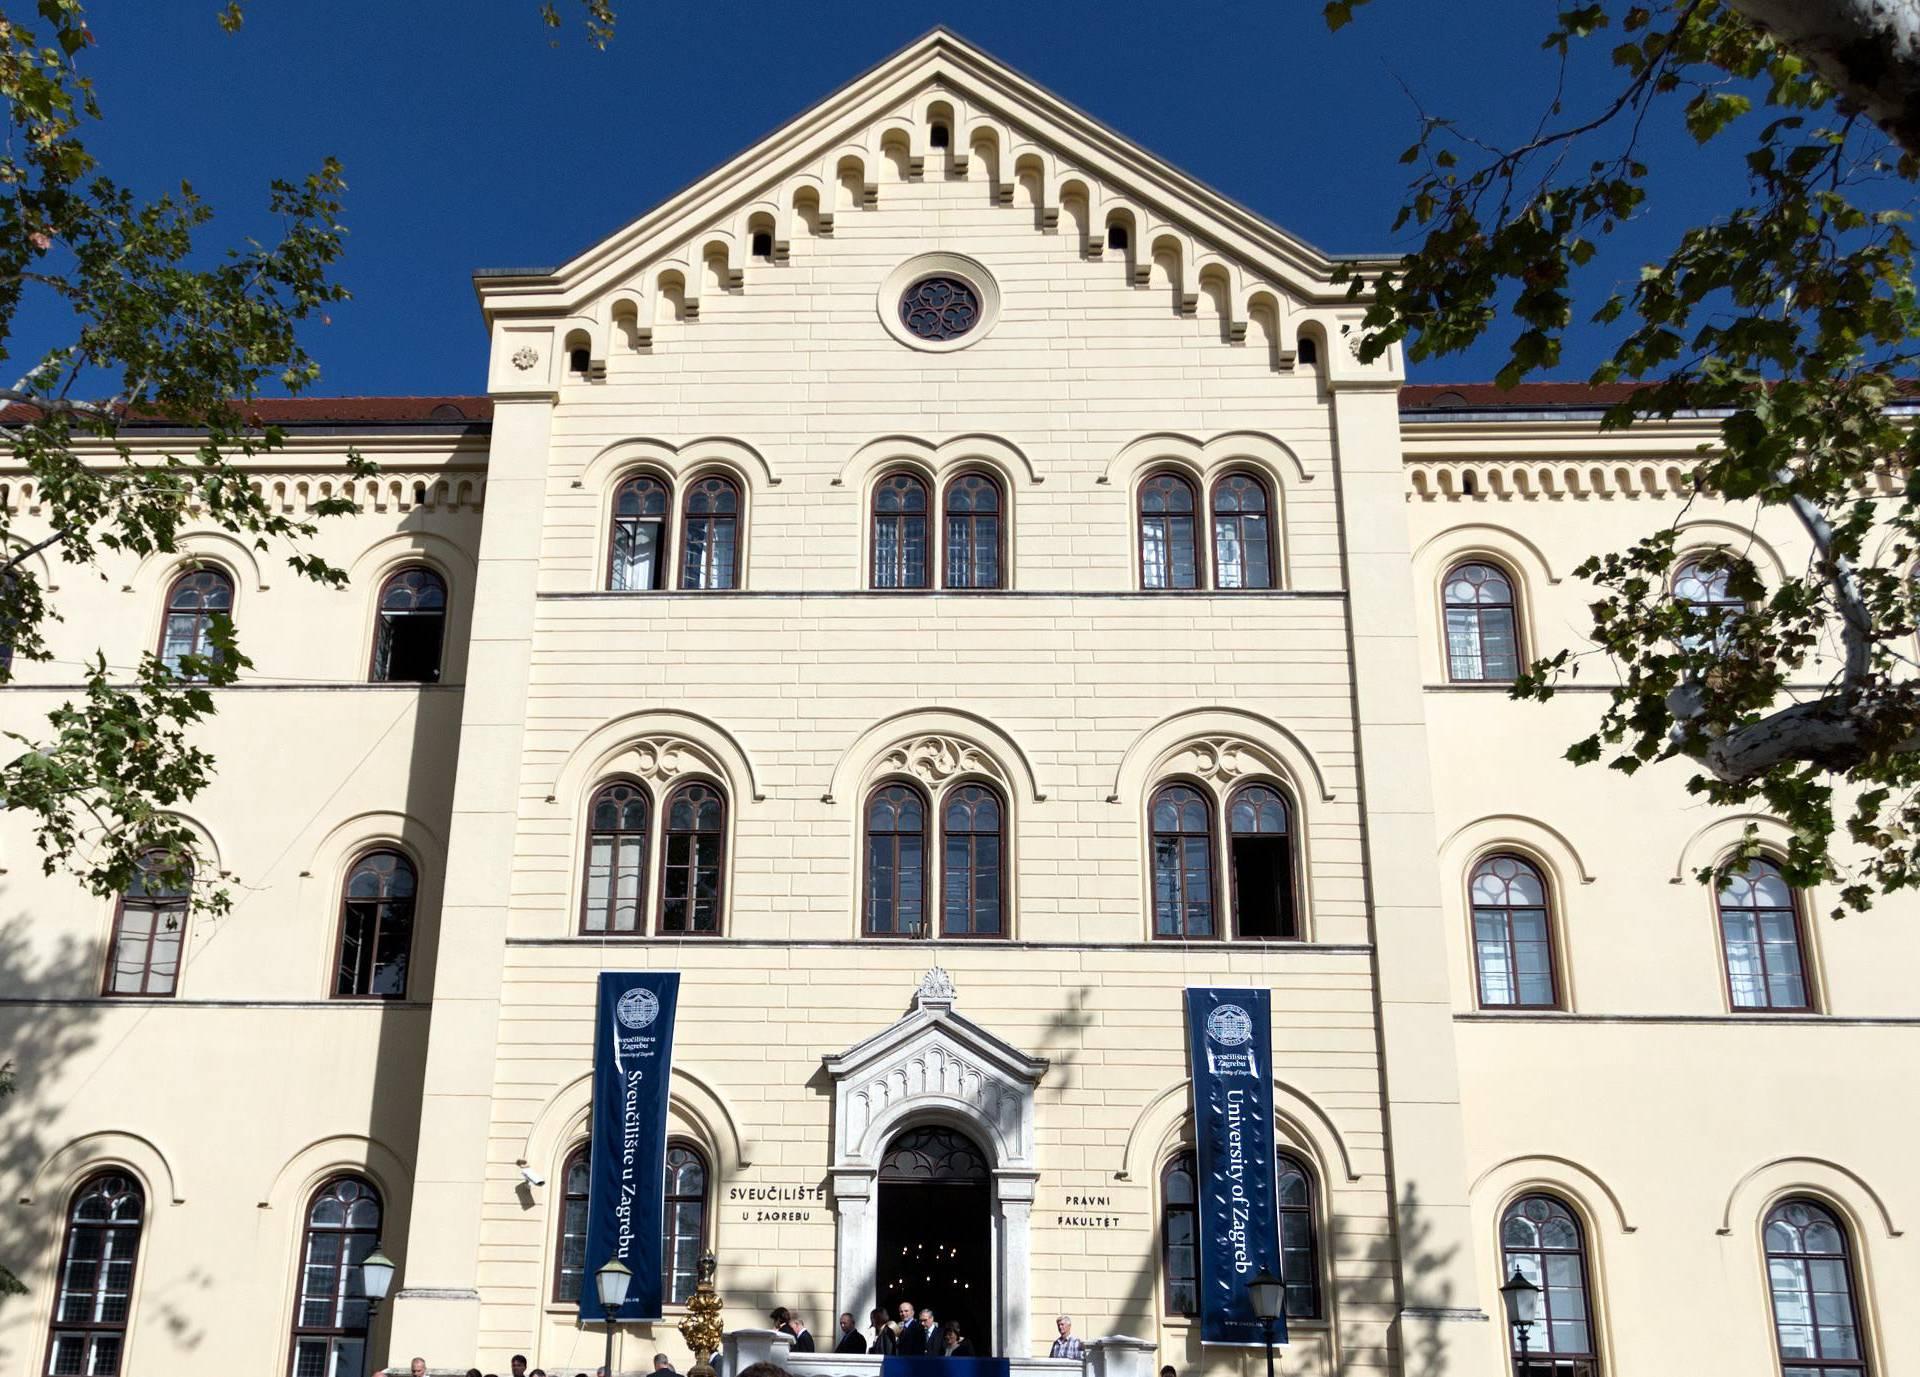 Nakon tri godine, Sveučilište u Zagrebu opet je u 500 najboljih